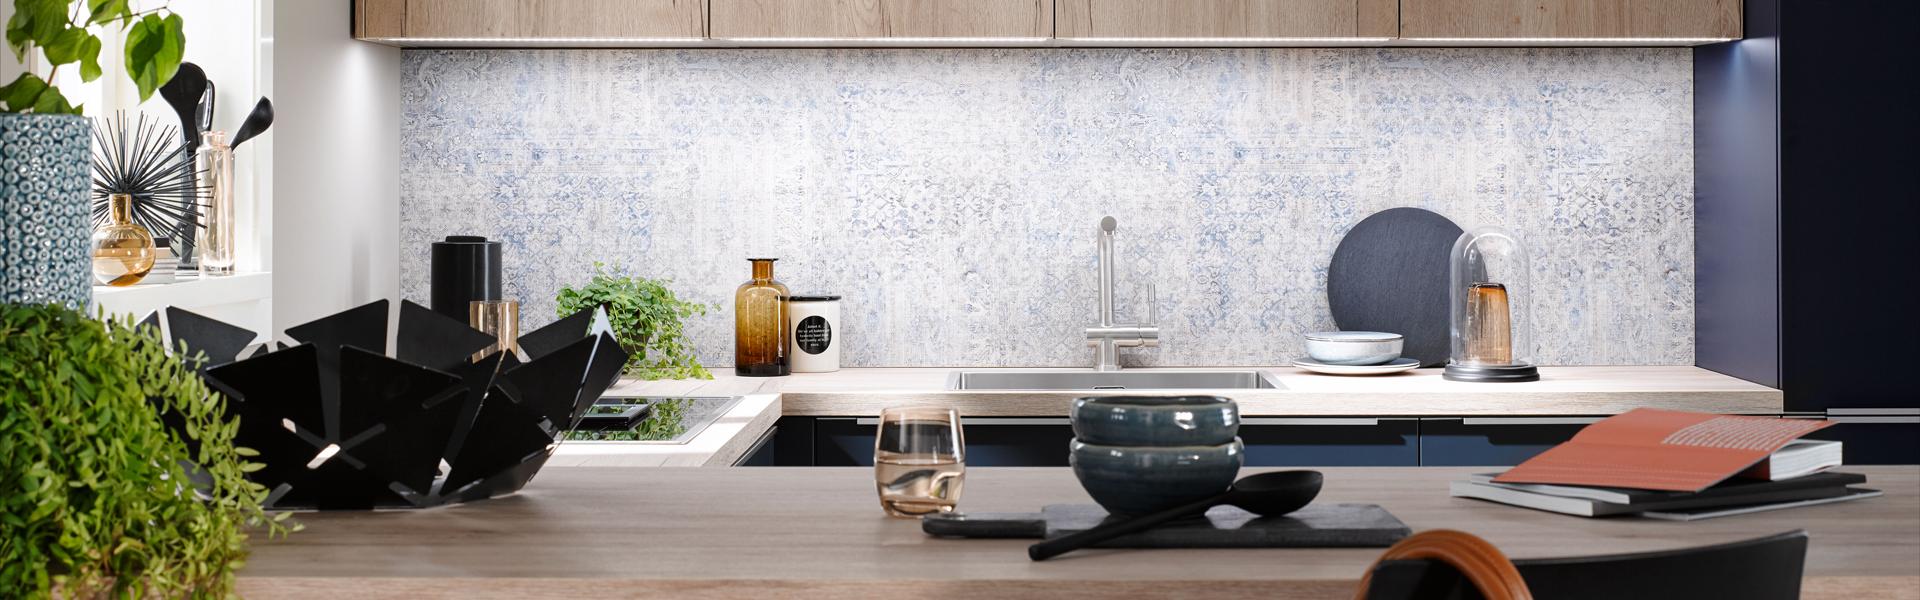 Kleine blauwe keukens | Eigenhuis Keukens